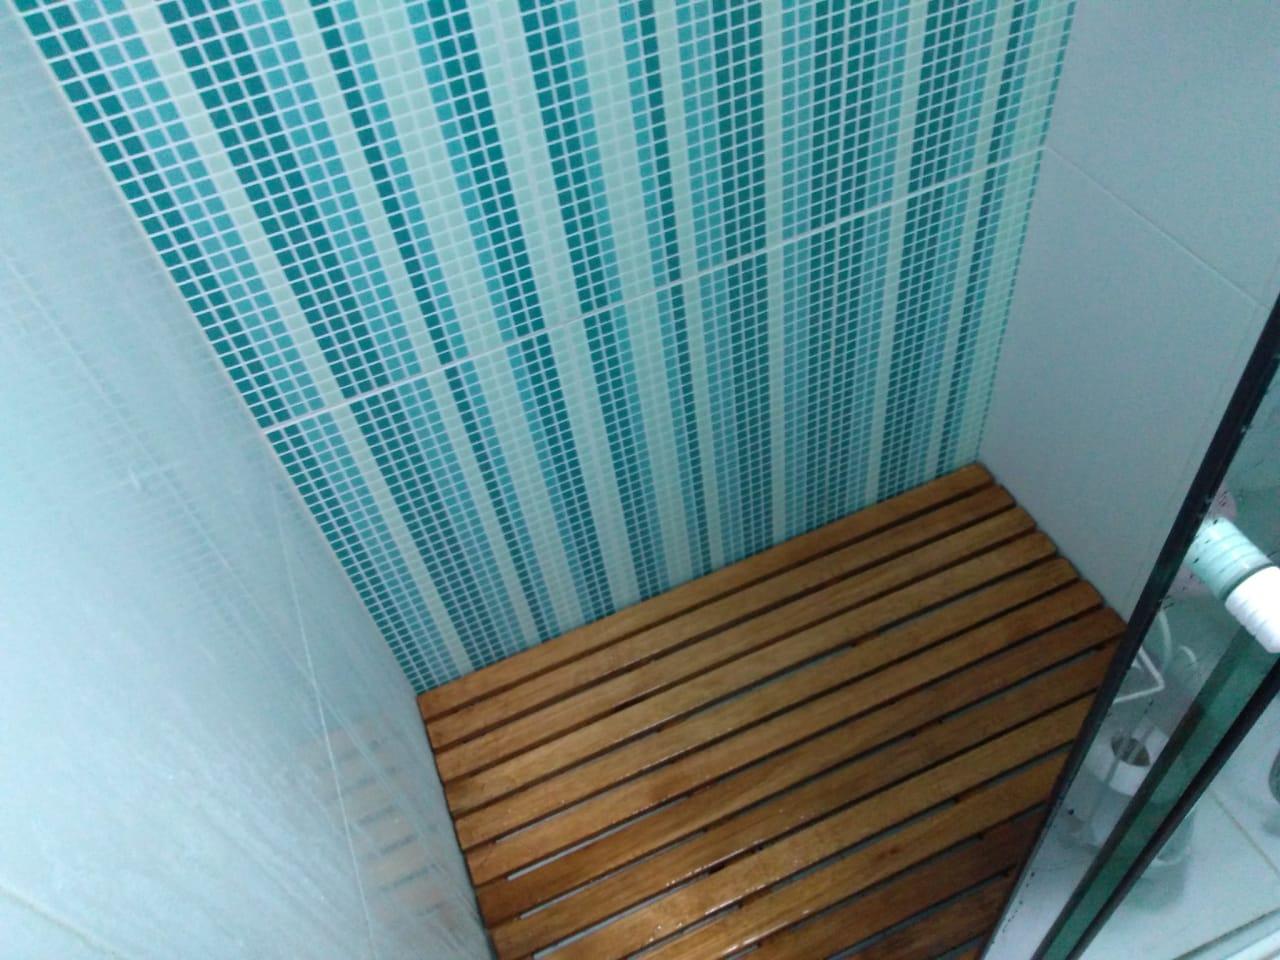 Deck De Madeira Chuveiro Box Banheiro Capacho 120x61 cm NeonX